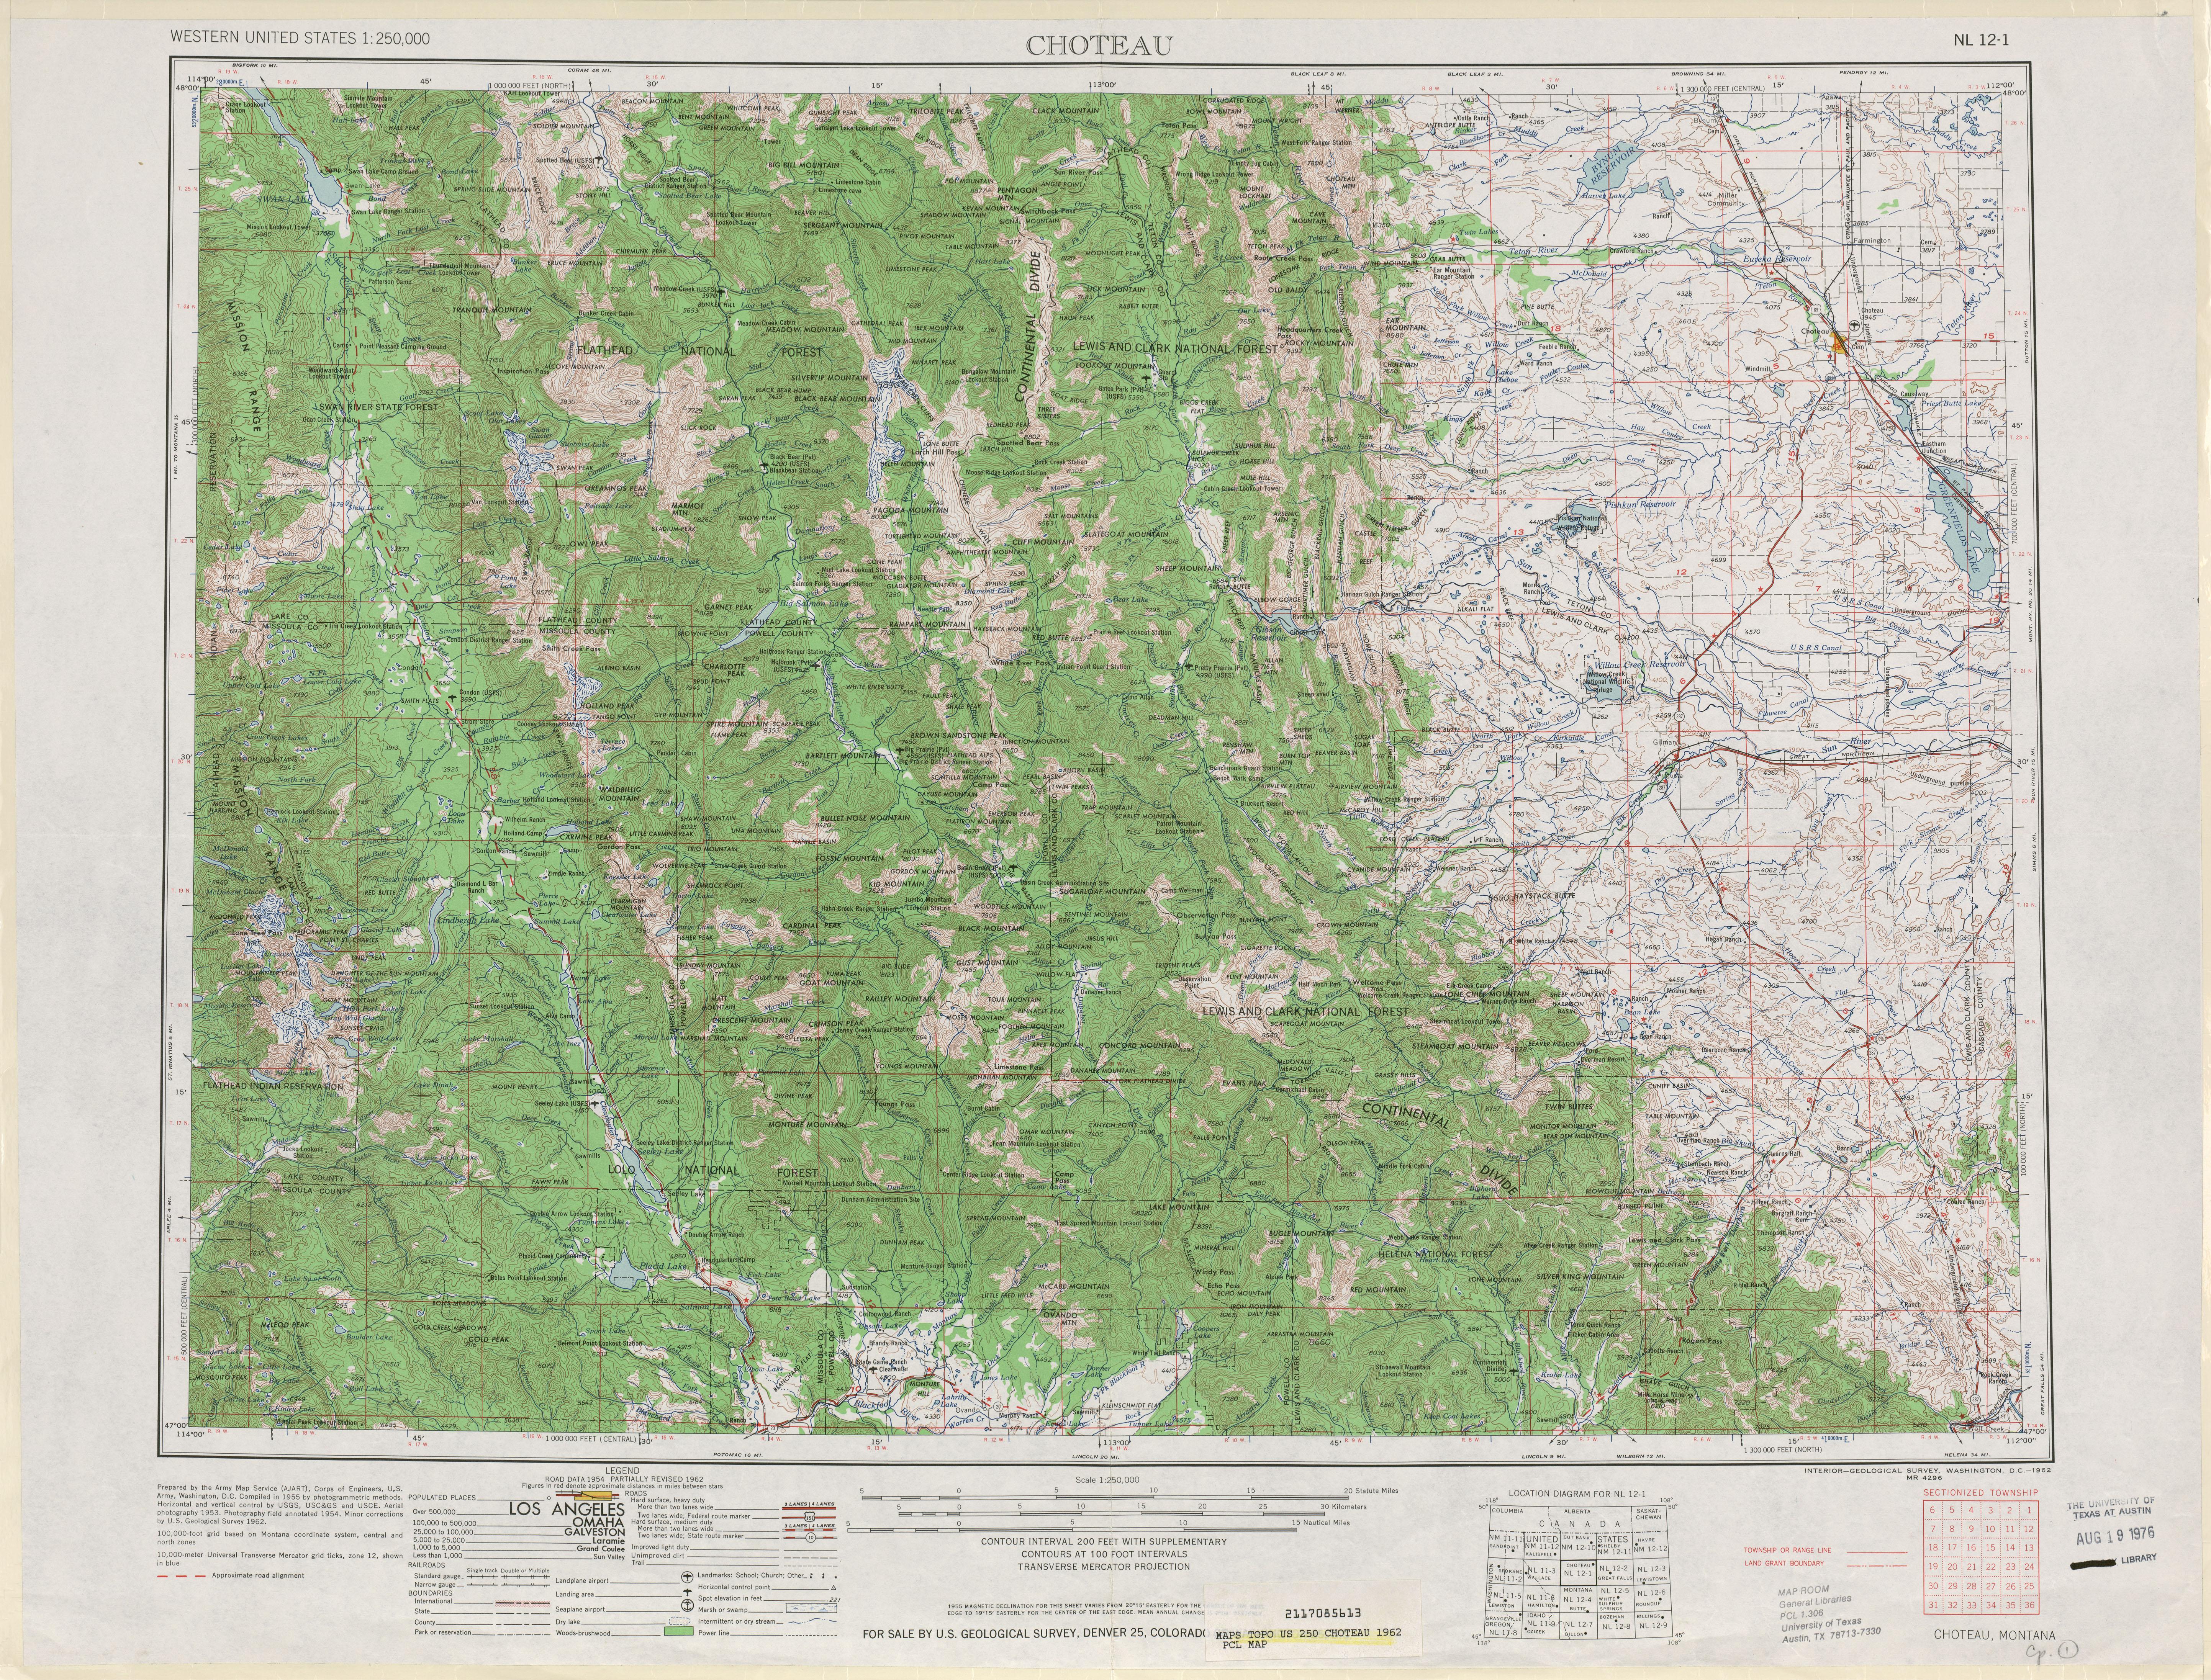 Hoja Choteau del Mapa Topográfico de los Estados Unidos 1962